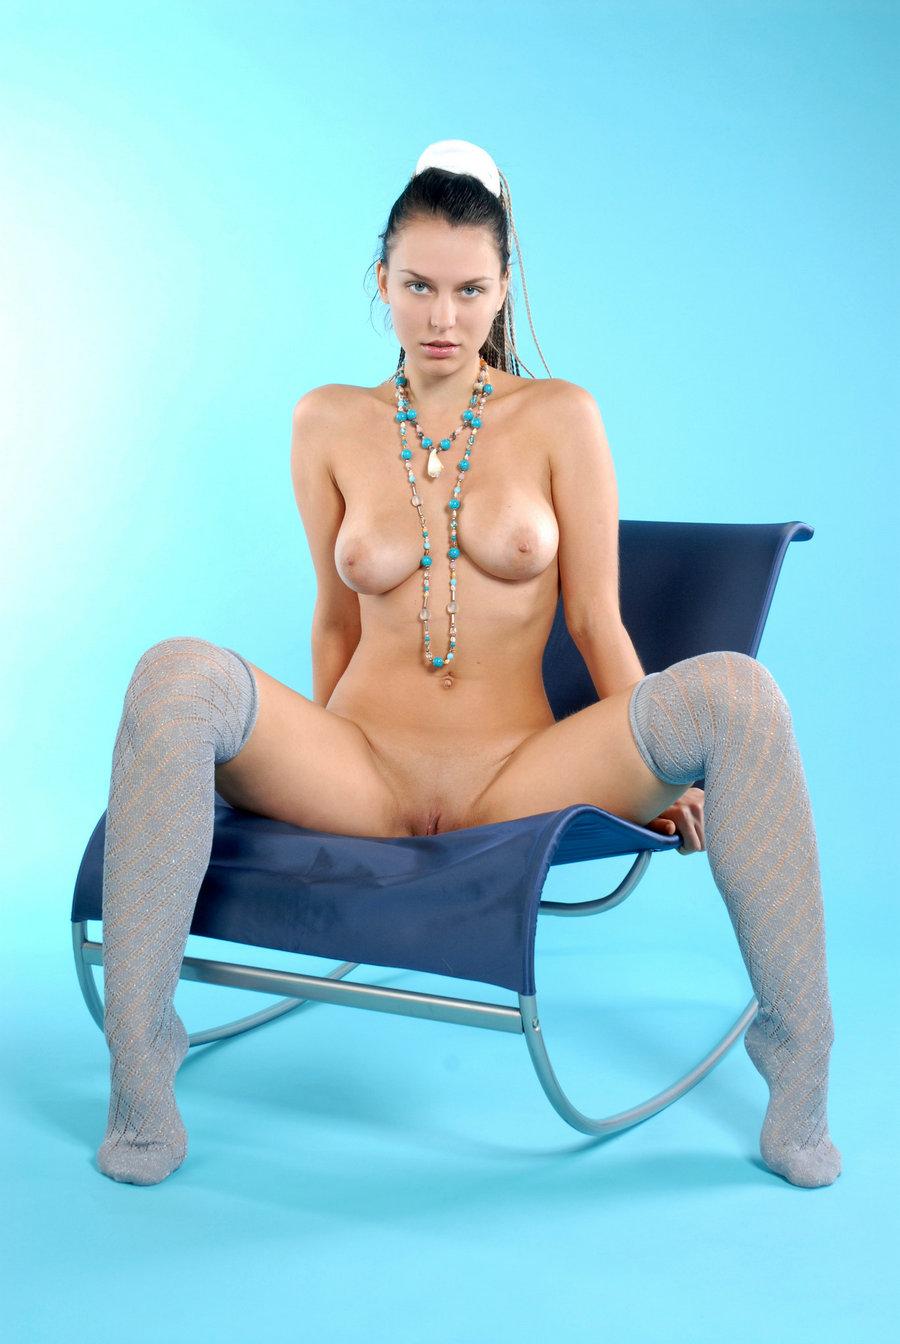 蓝色背景室拍大尺度俄罗斯嫩模Iveagh